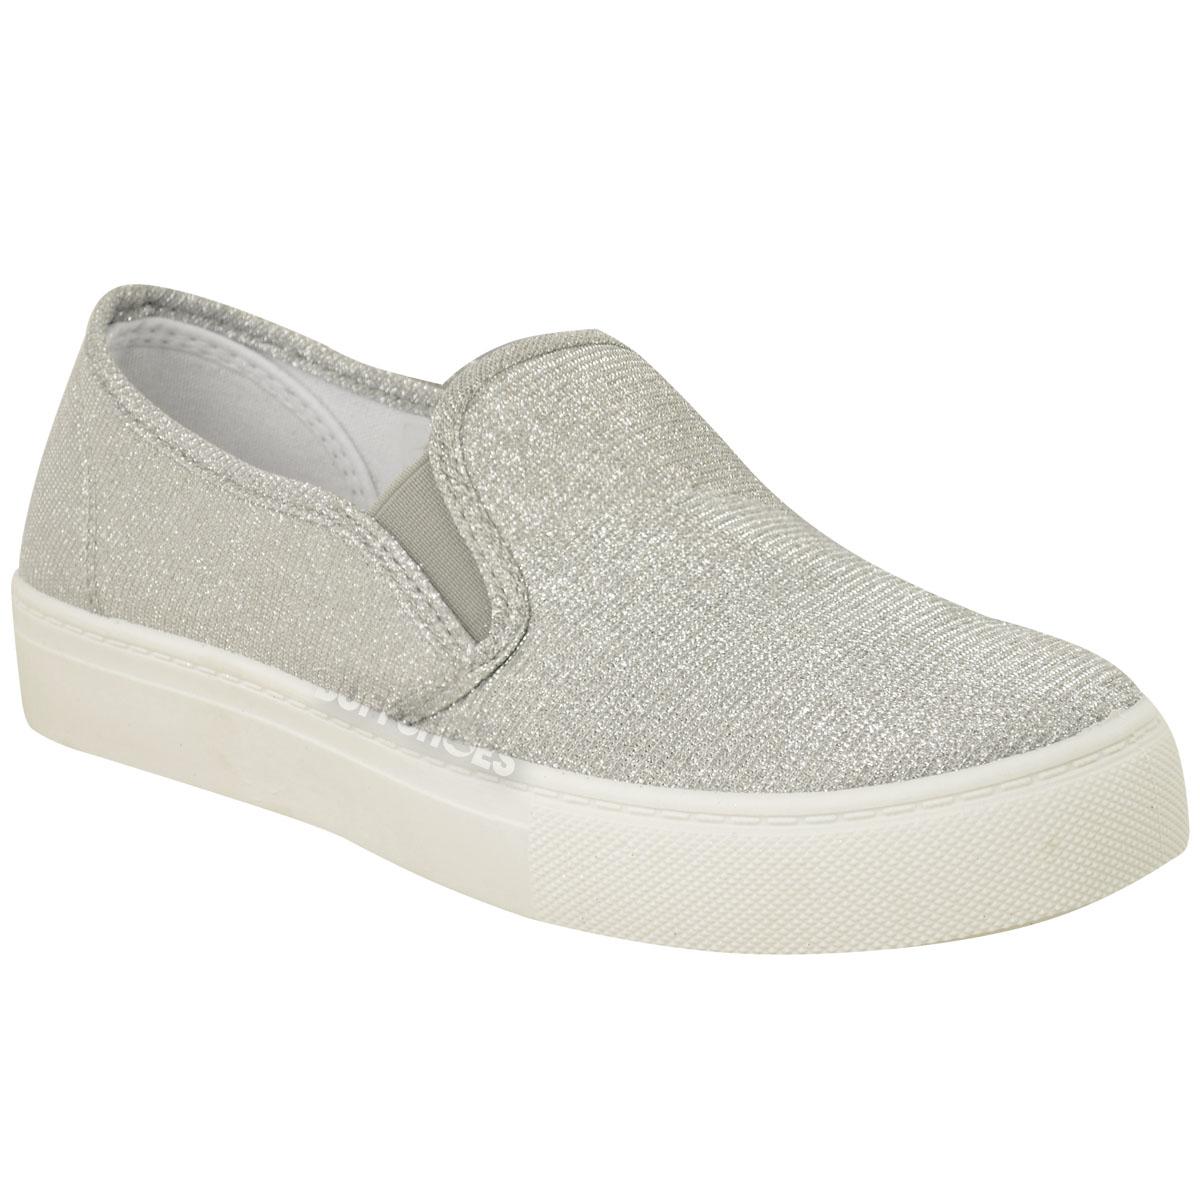 Glitter Slip On Tennis Shoes